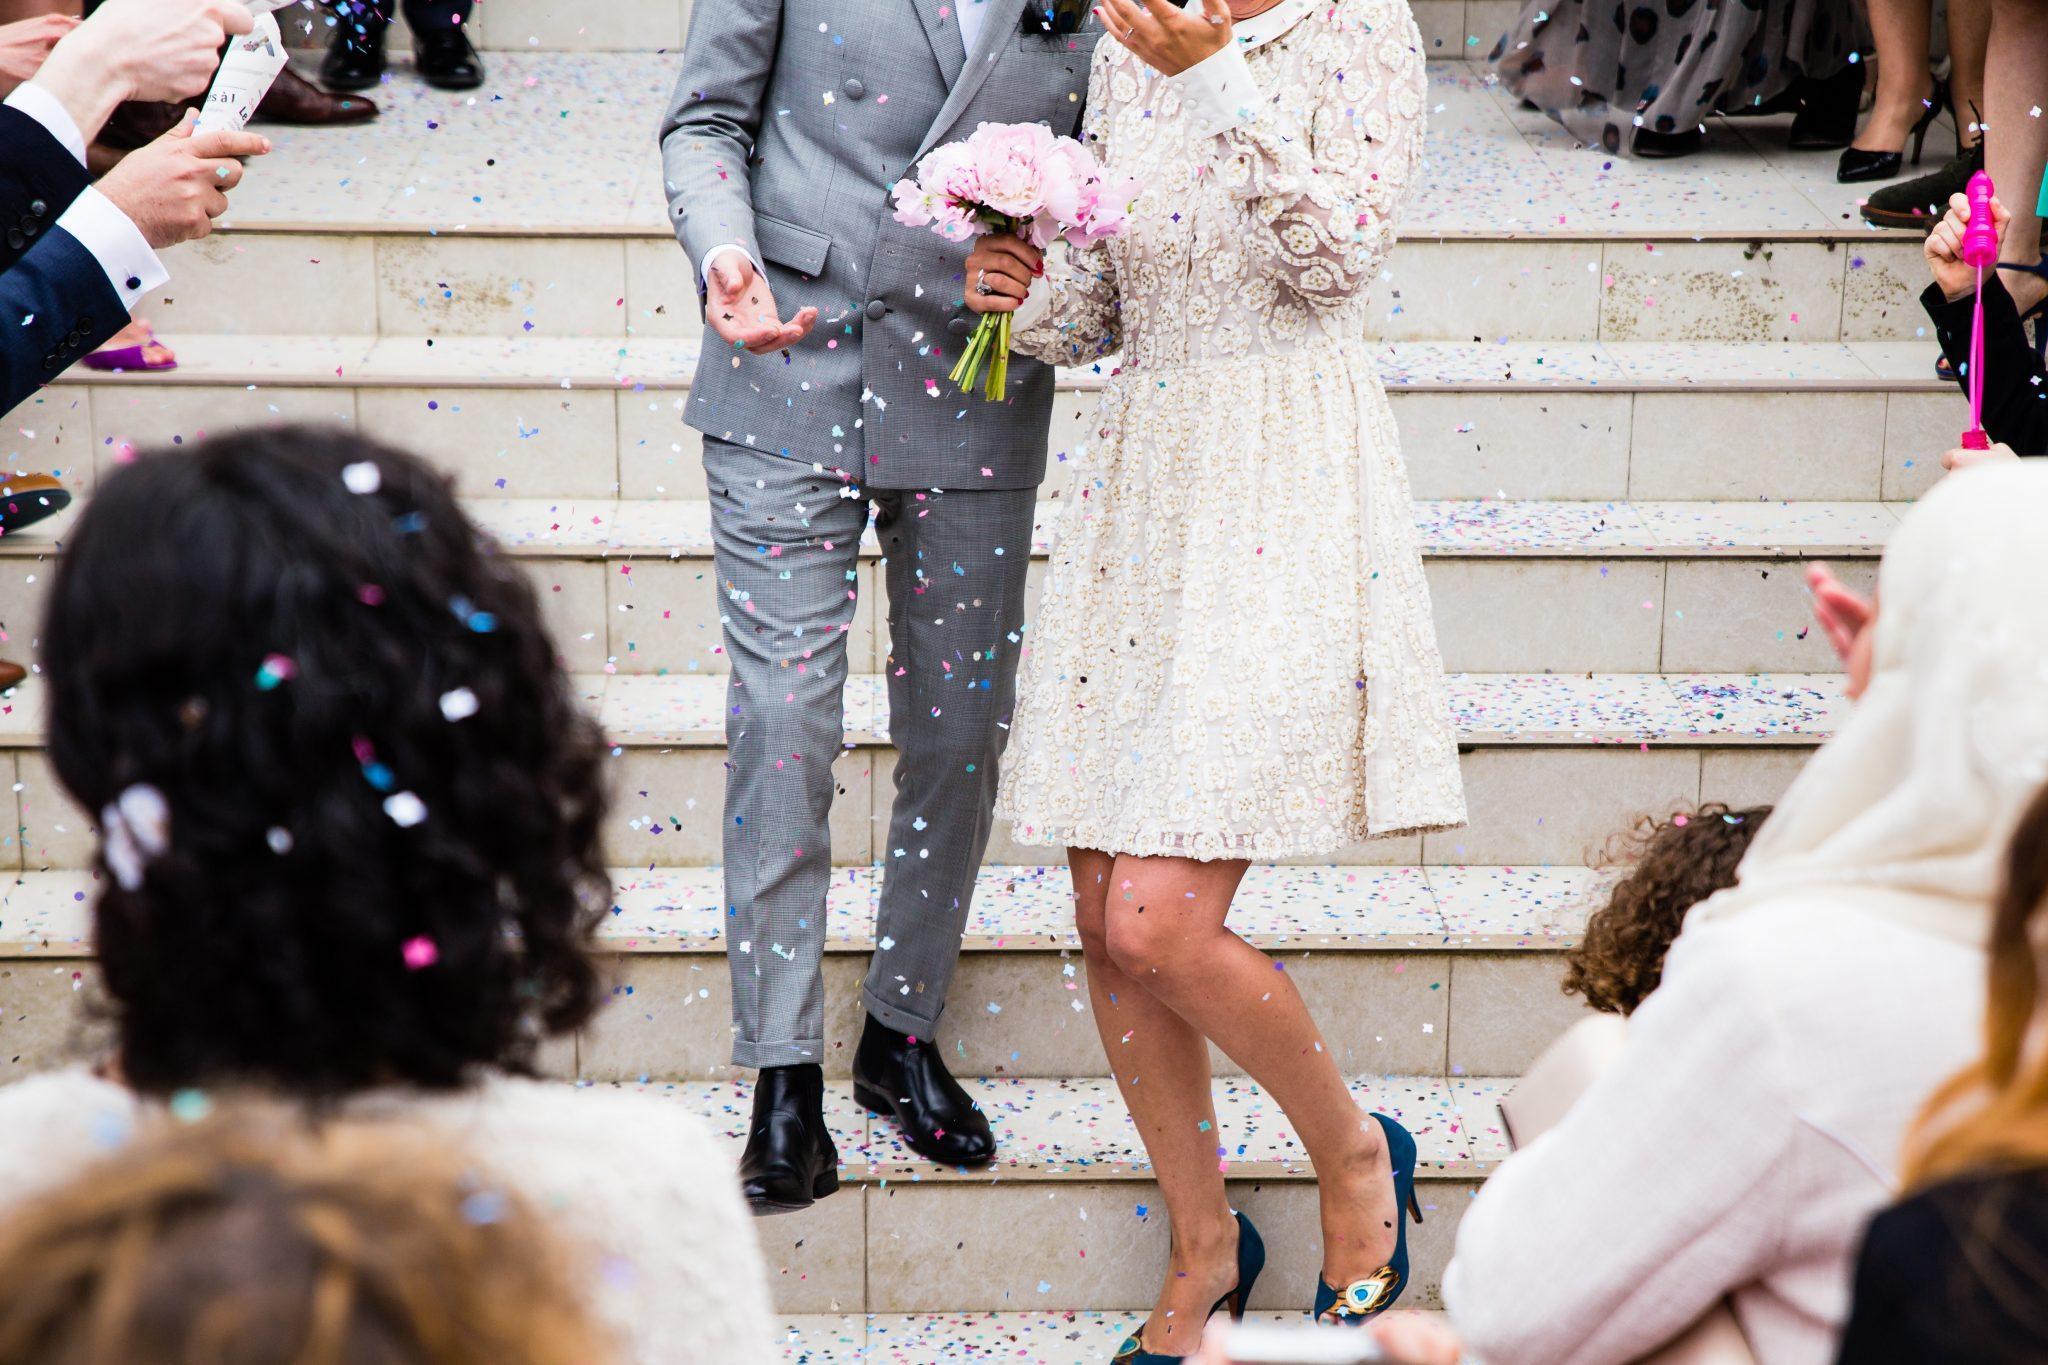 Reguli în căsnicie